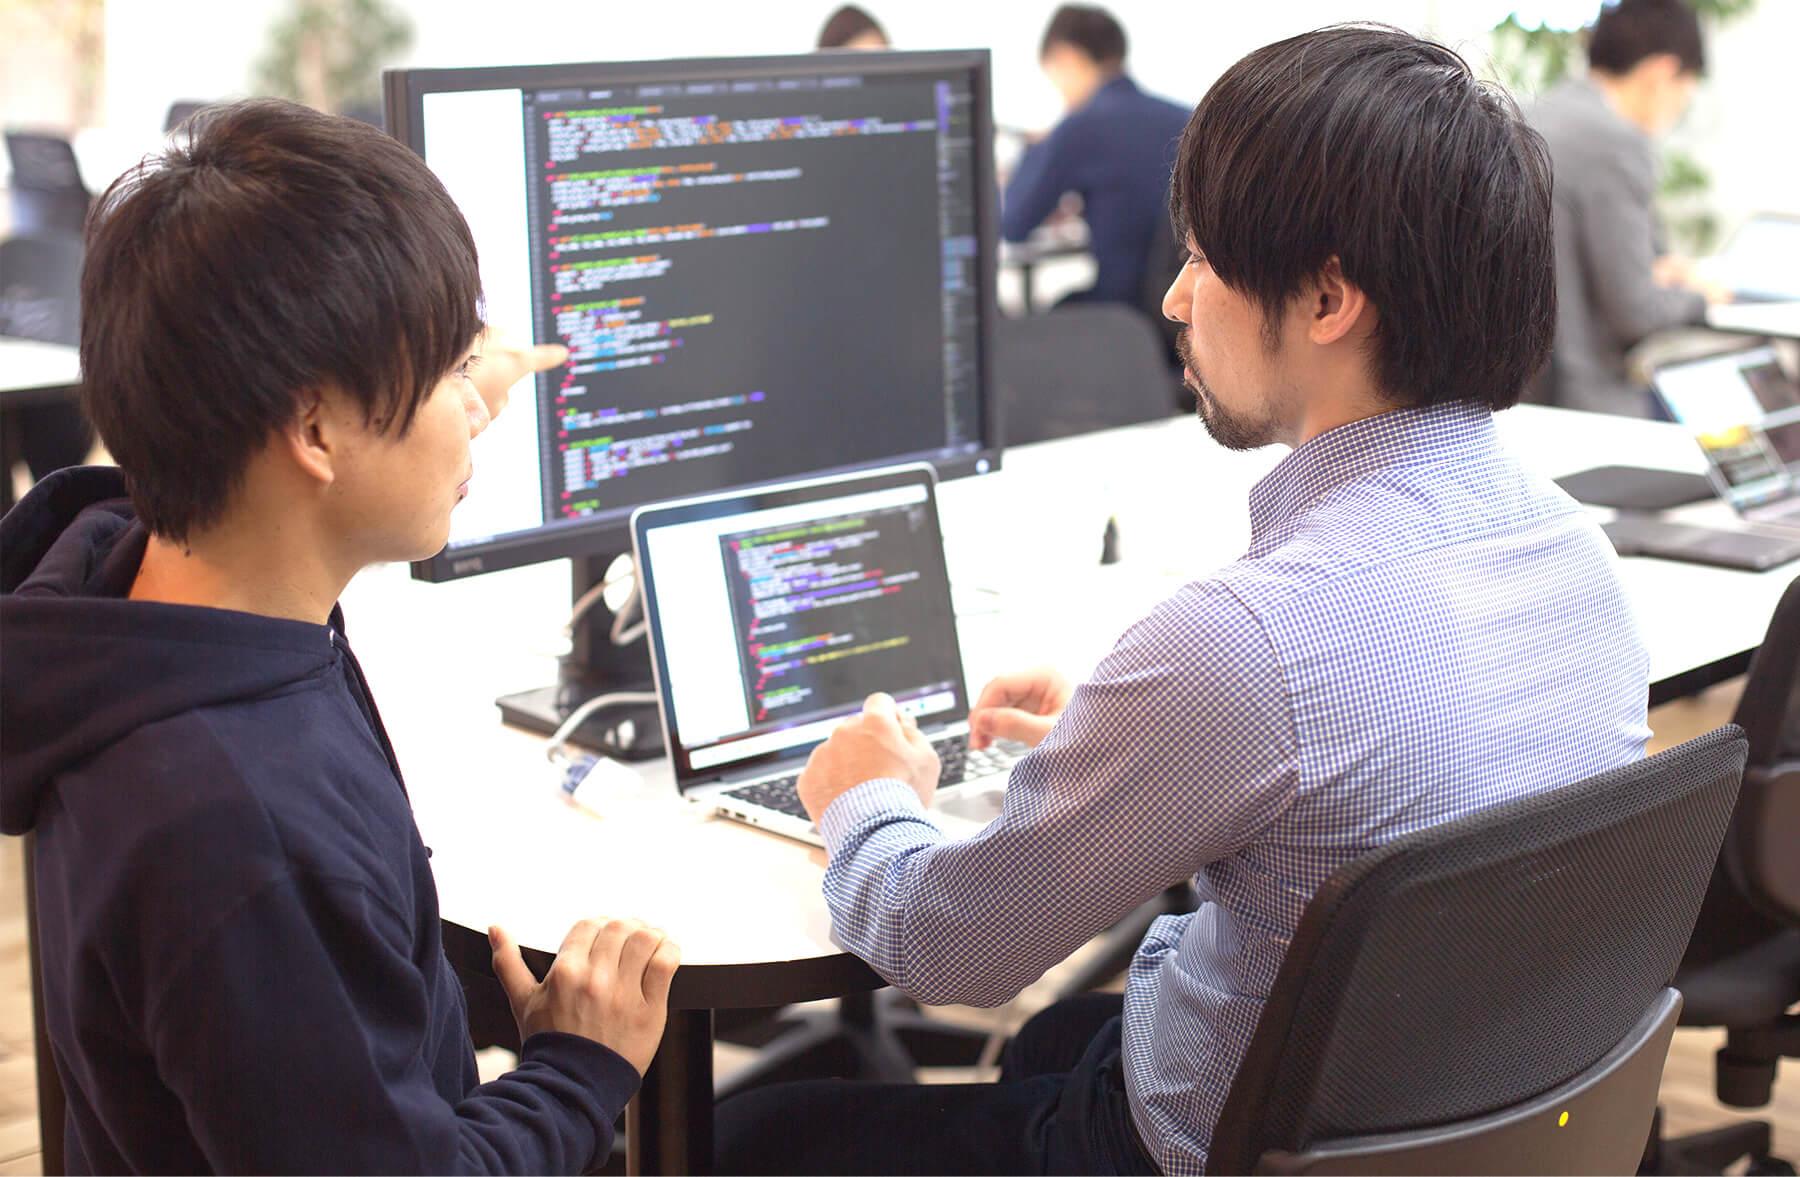 未経験からプログラマーになるには   プログラマー転職専門のプロが教える完全ガイド